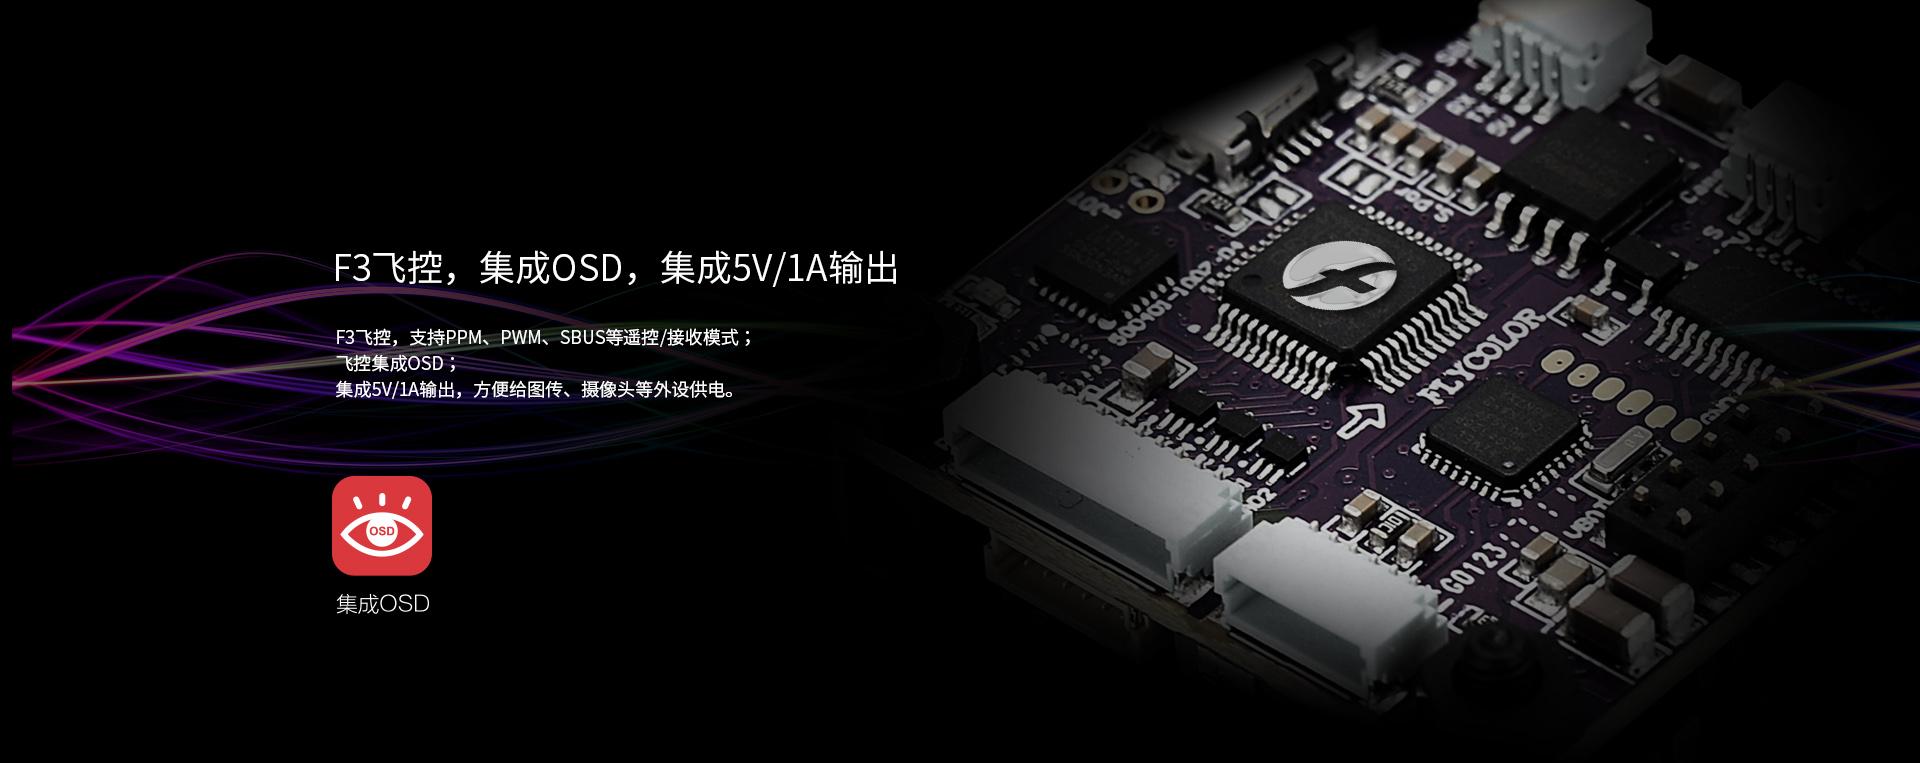 img-2-集成OSD.jpg